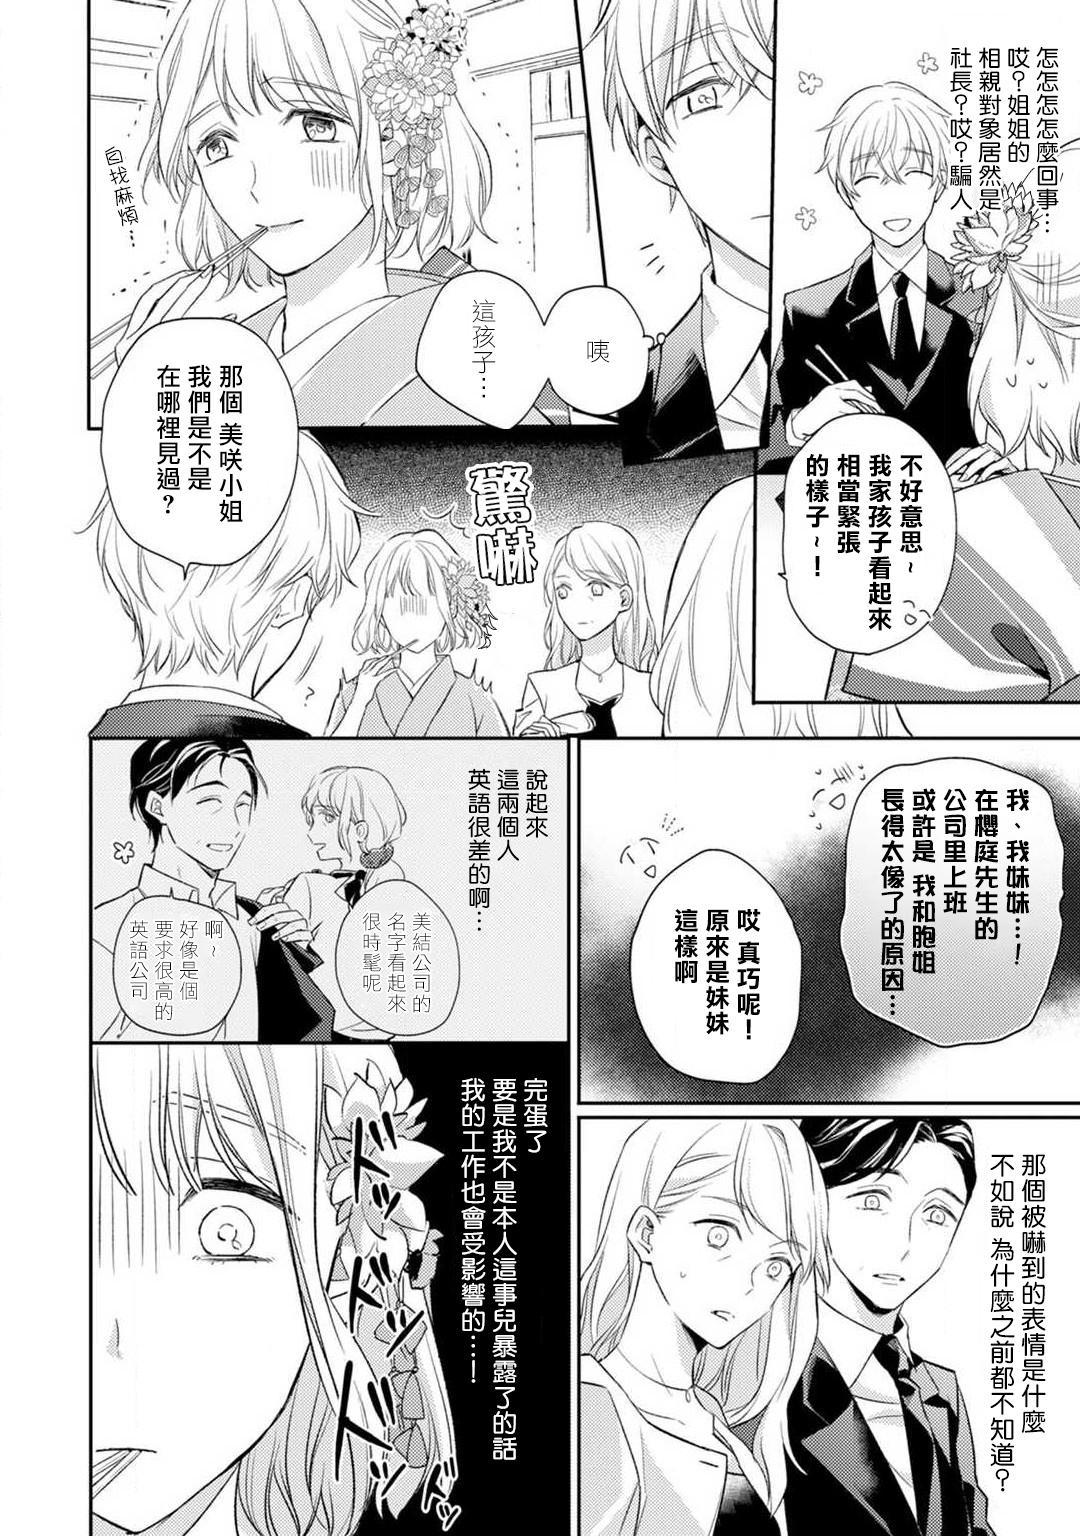 [Shichigatsu Motomi]  Sonna Kao shite, Sasotteru? ~Dekiai Shachou to Migawari Omiaikekkon!?~ 1-7 | 這種表情,在誘惑我嗎?~溺愛社長和替身相親結婚!? act.1 [Chinese] [拾荒者汉化组] 10